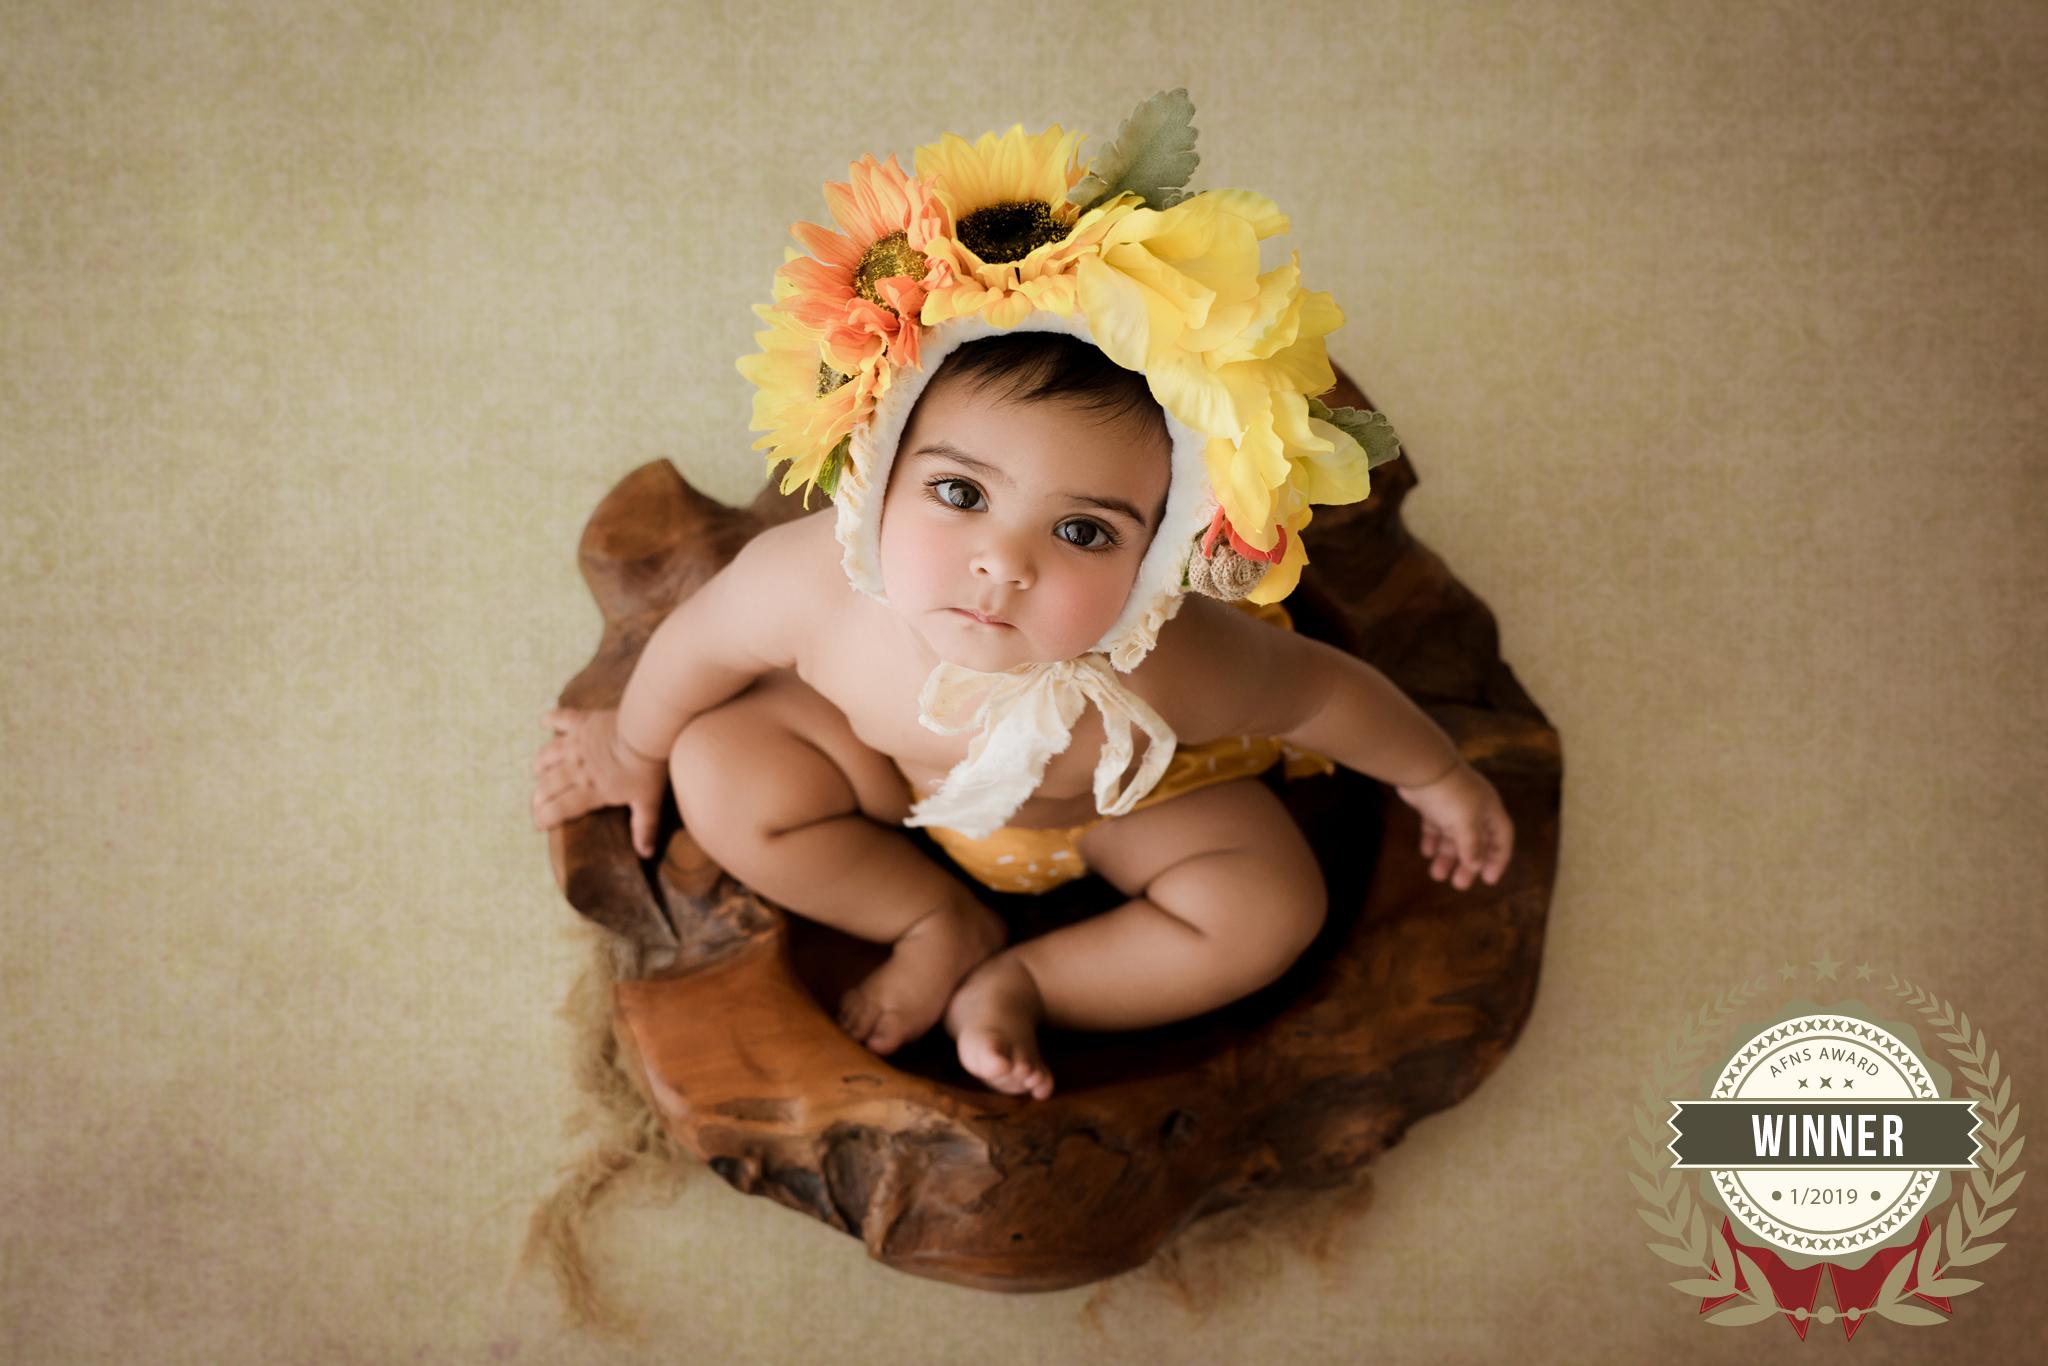 473435557_56906440_Babies1.jpg